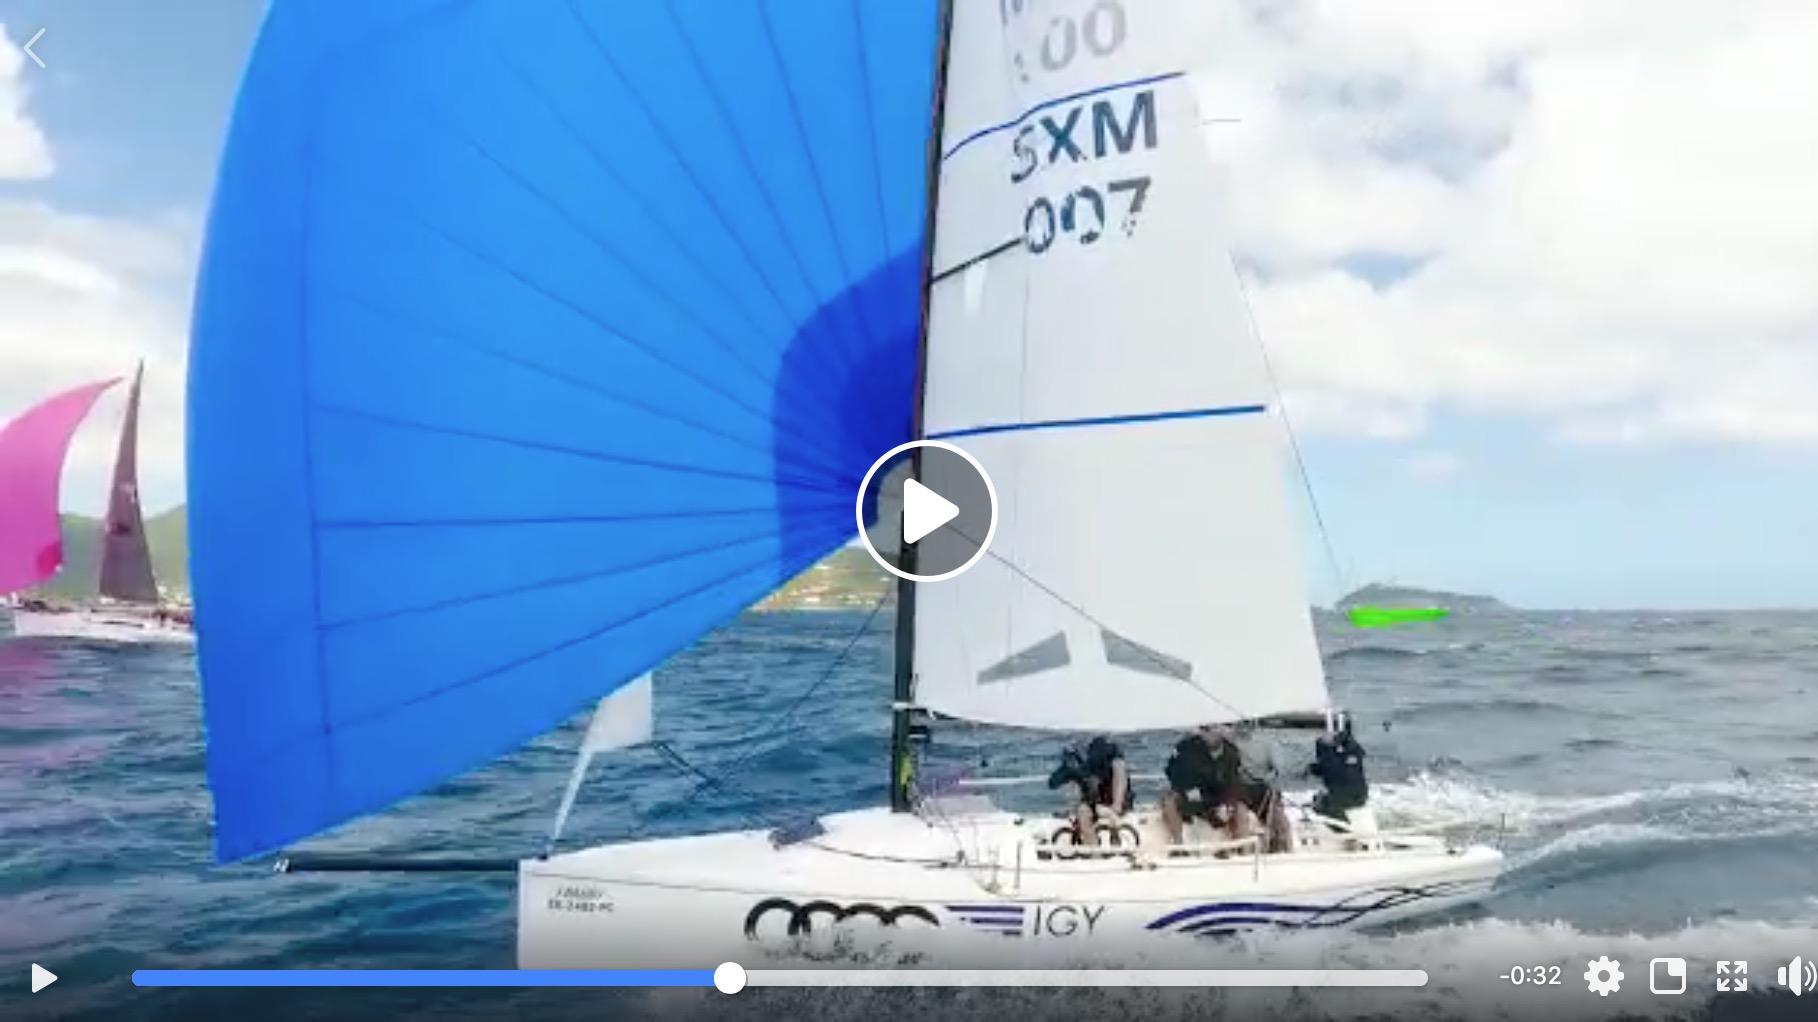 J/70 IGY Marinas video